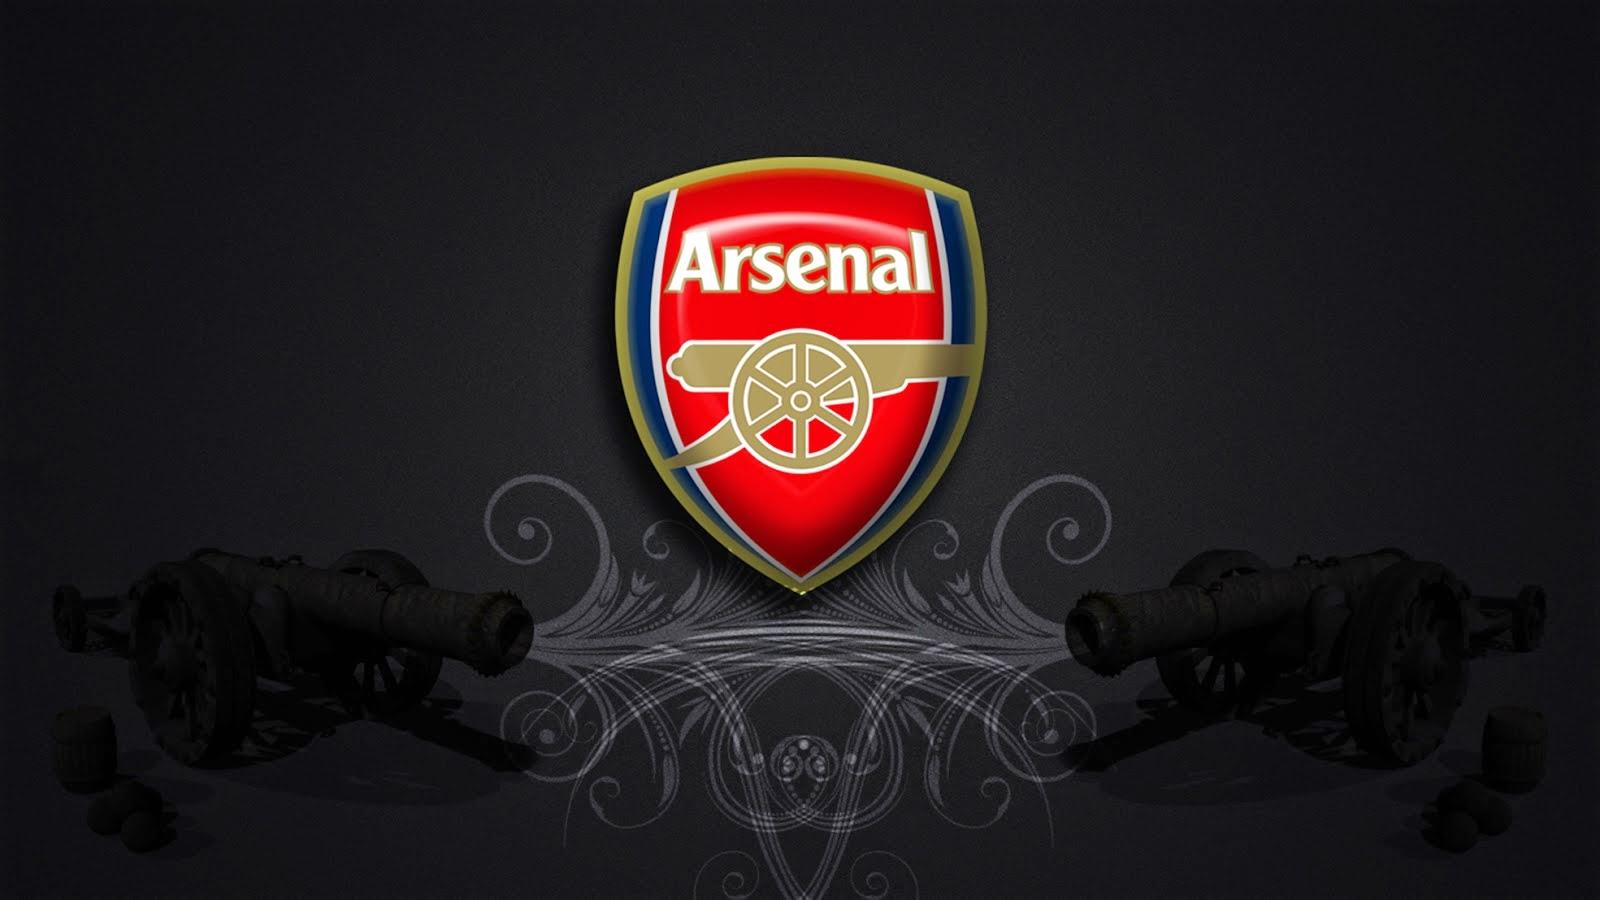 Tottenham Iphone 4 Wallpaper Arsenal Football Club Wallpaper Football Wallpaper Hd